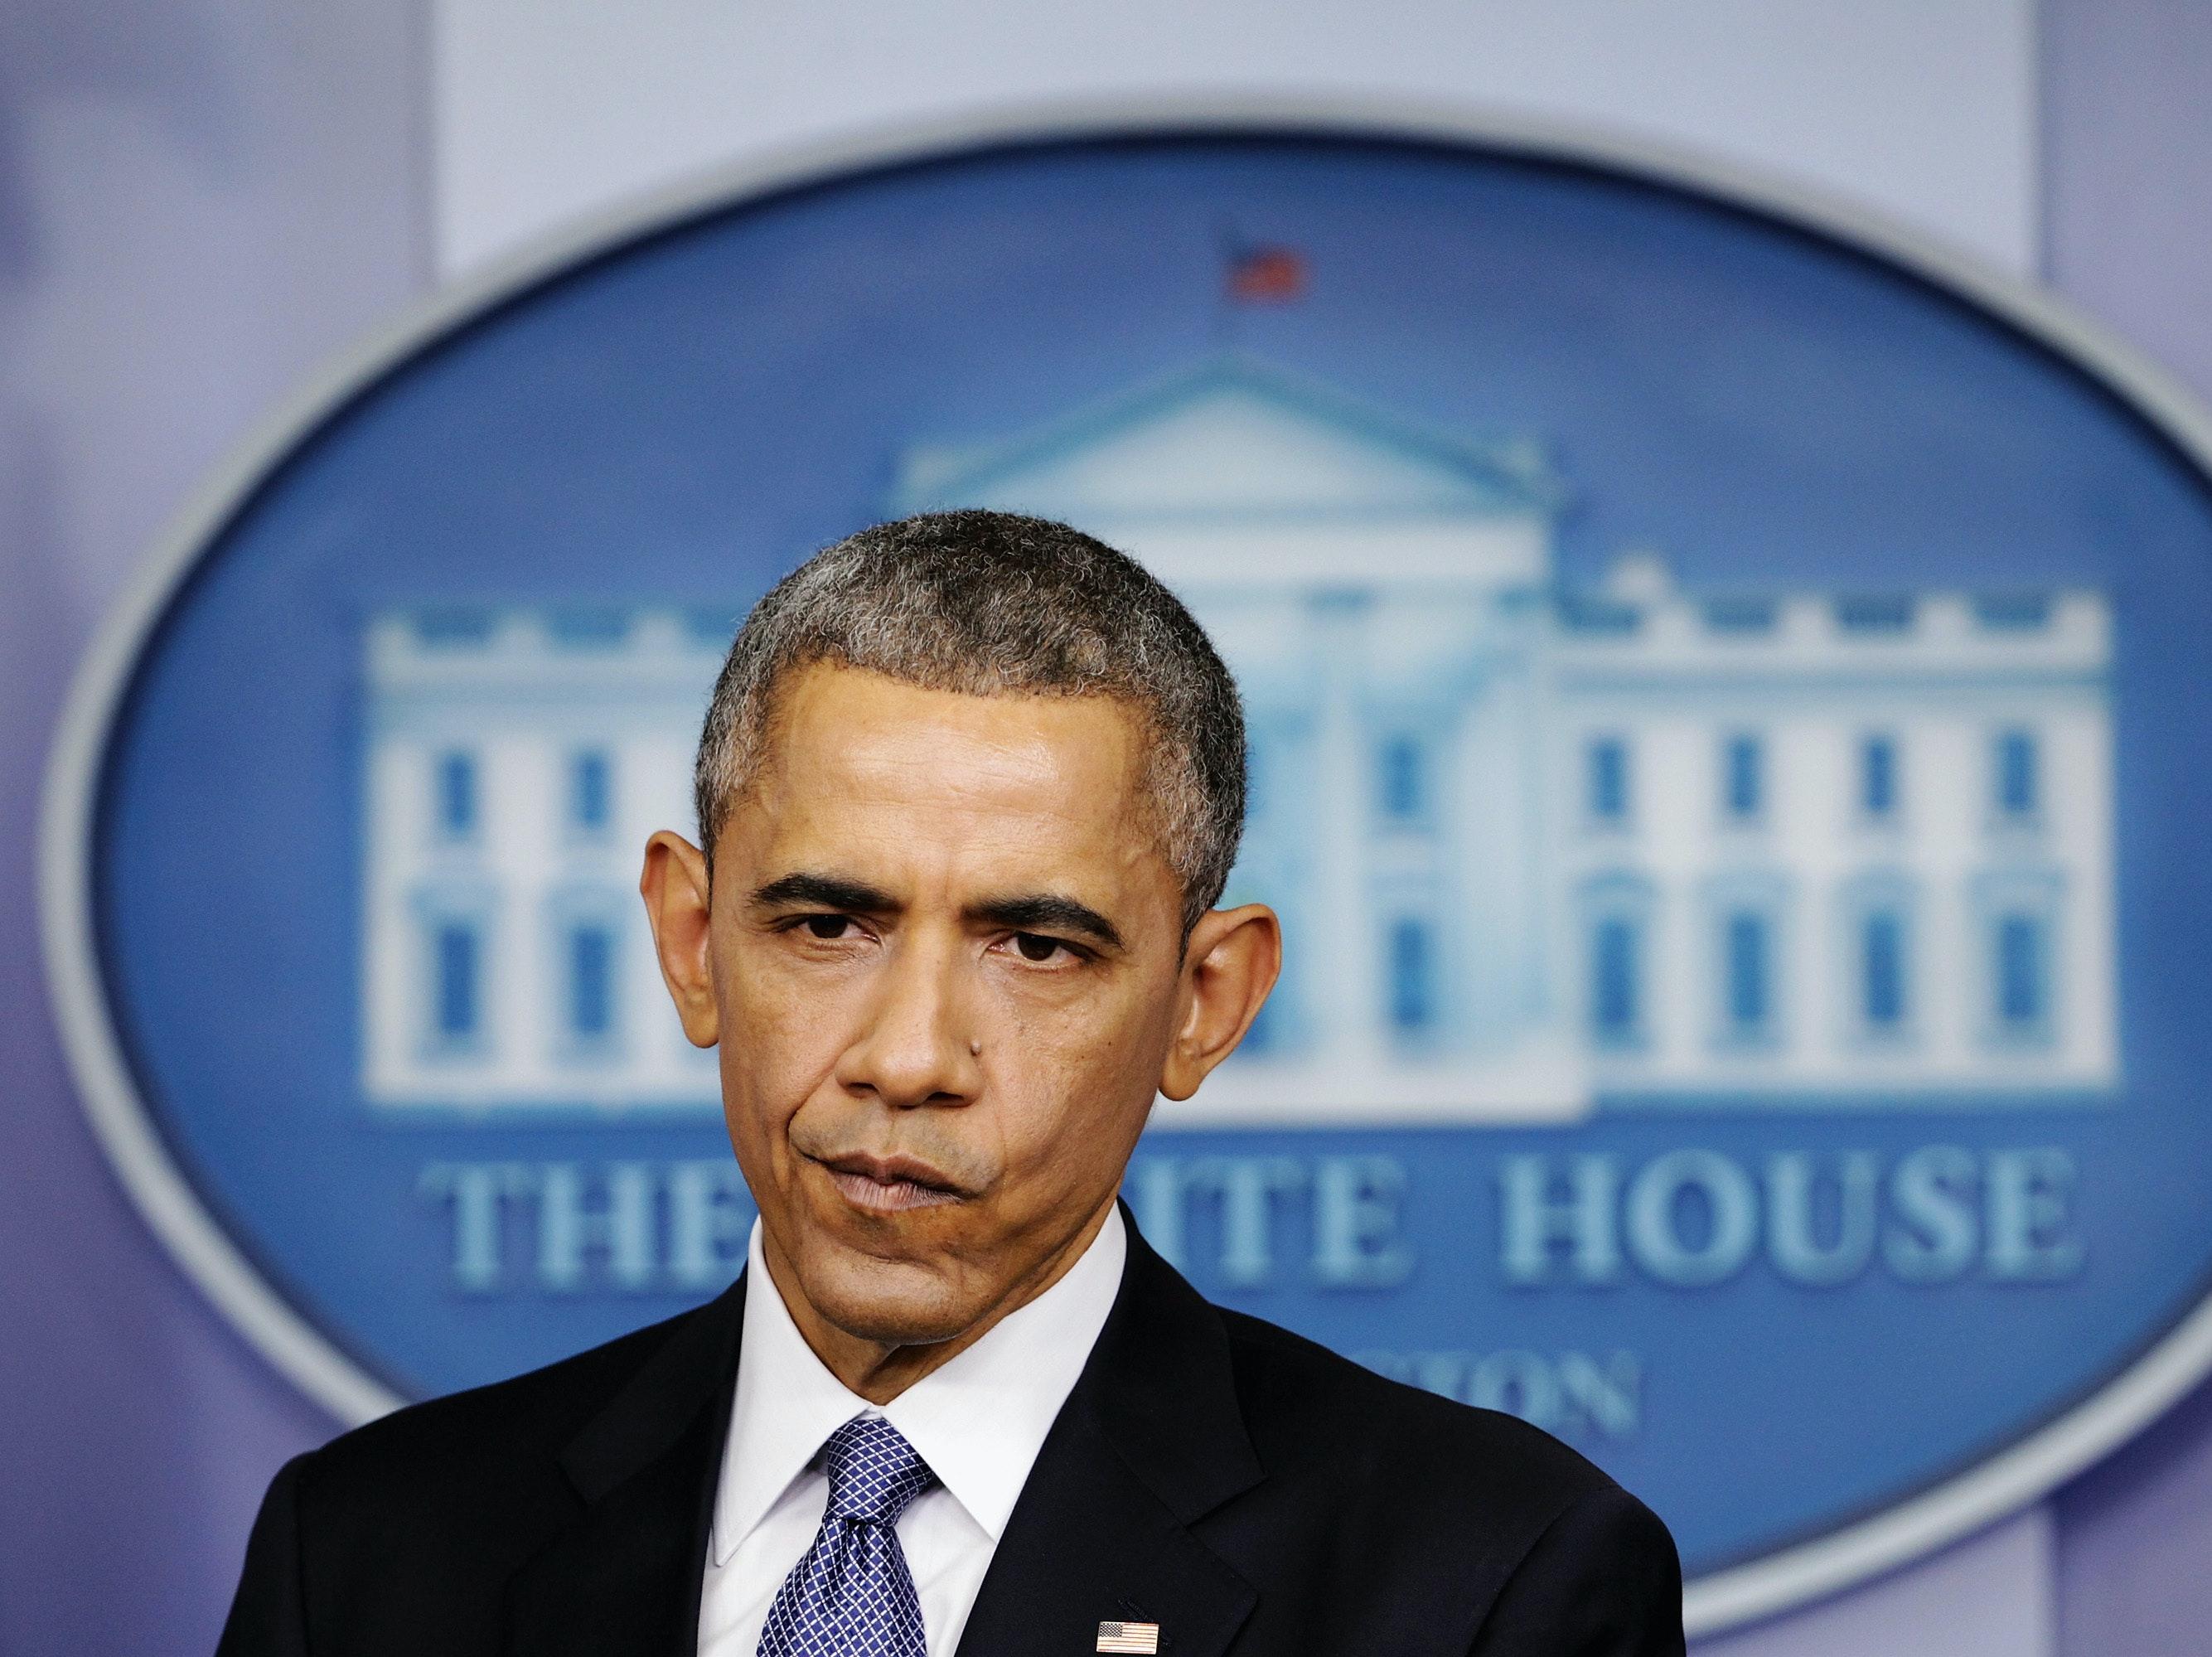 Obama Says Fake News Is Impeding Progress on Climate Change